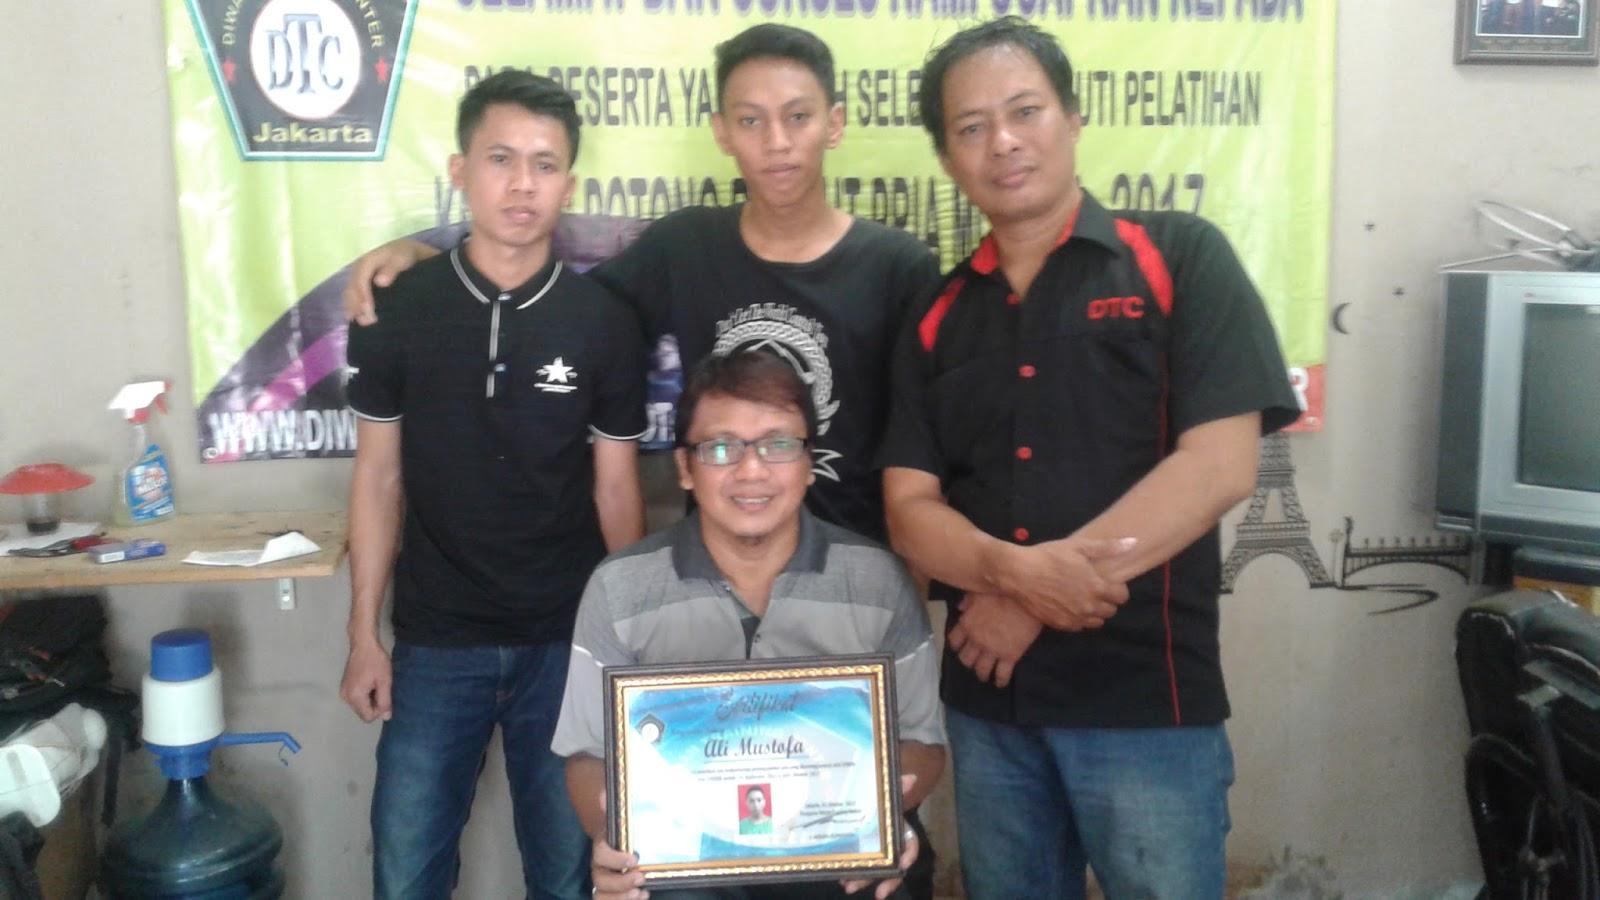 peserta dari pisangan jakarta timur yang selesai dan mendapatkan sertifikat 456fafcd0e